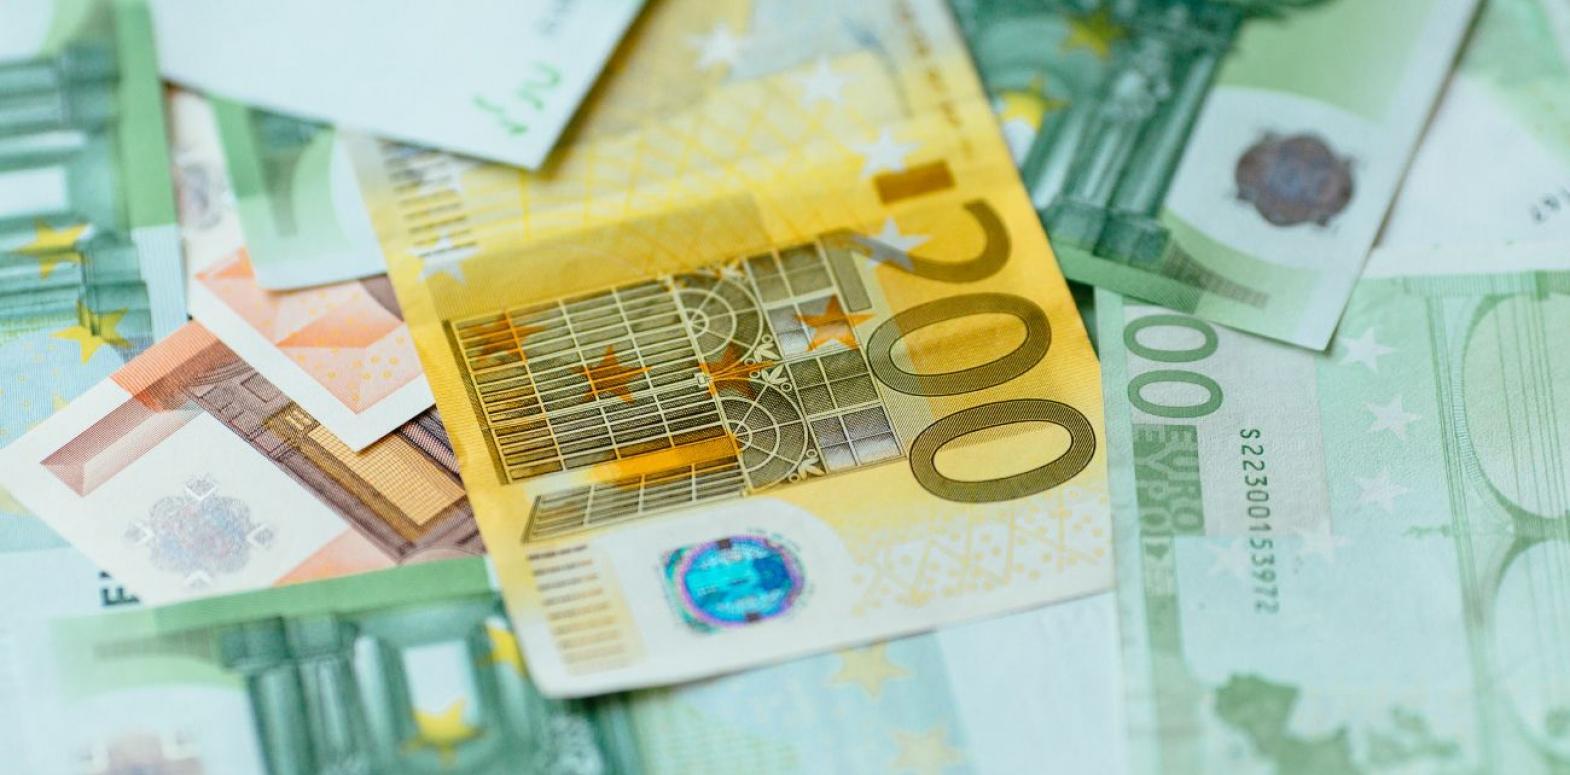 Курс евро упал ниже 32 гривен впервые за год